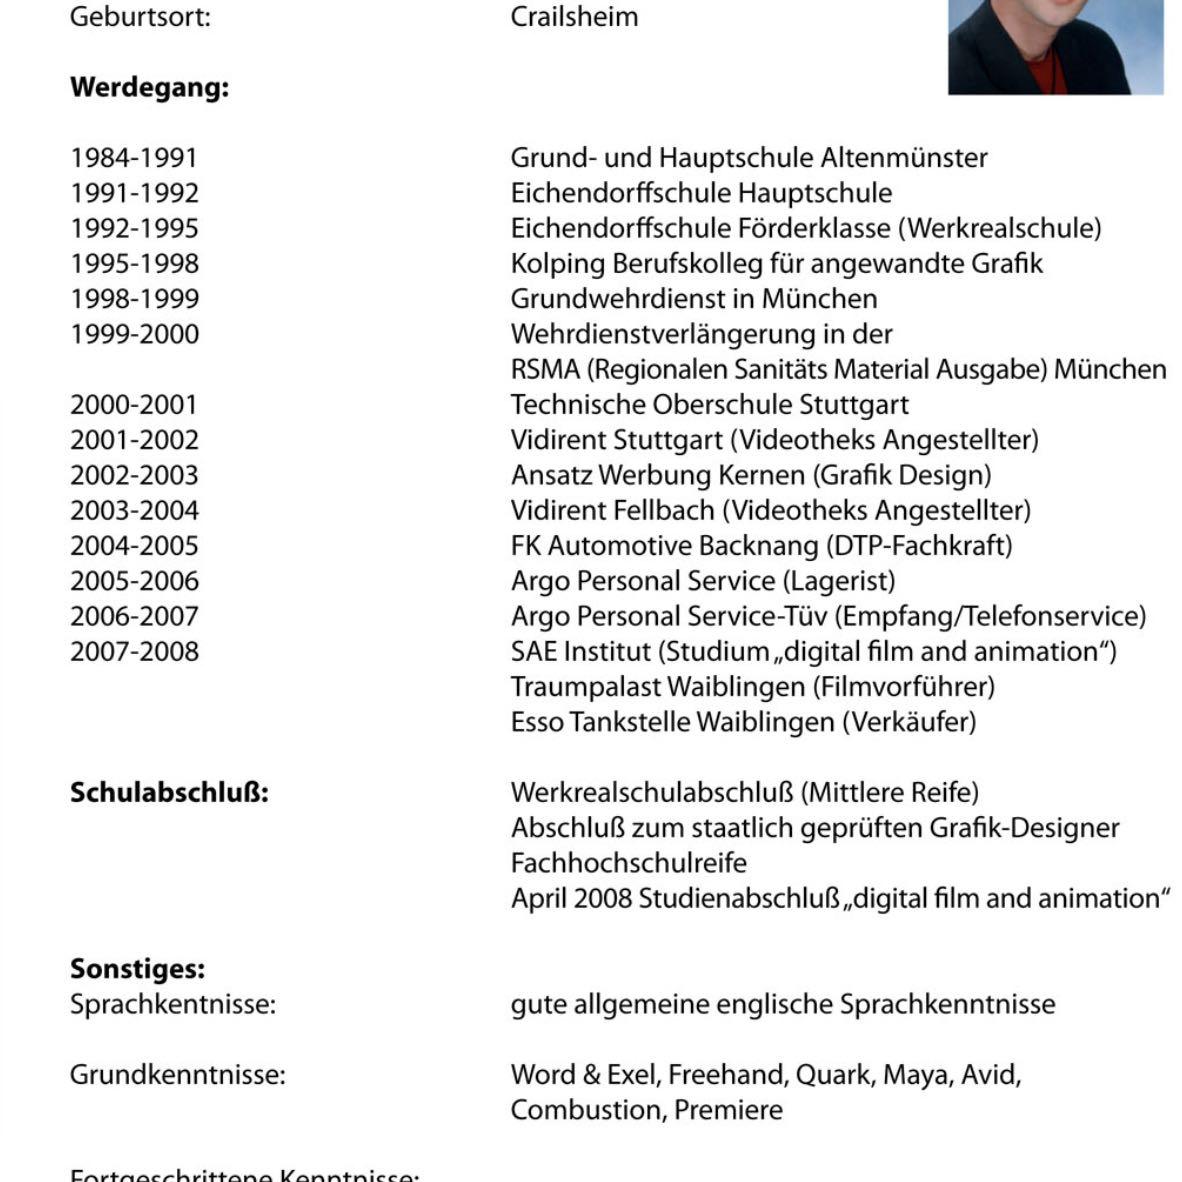 Großzügig Lebenslauf Des Verkäufers Zeitgenössisch - Entry Level ...